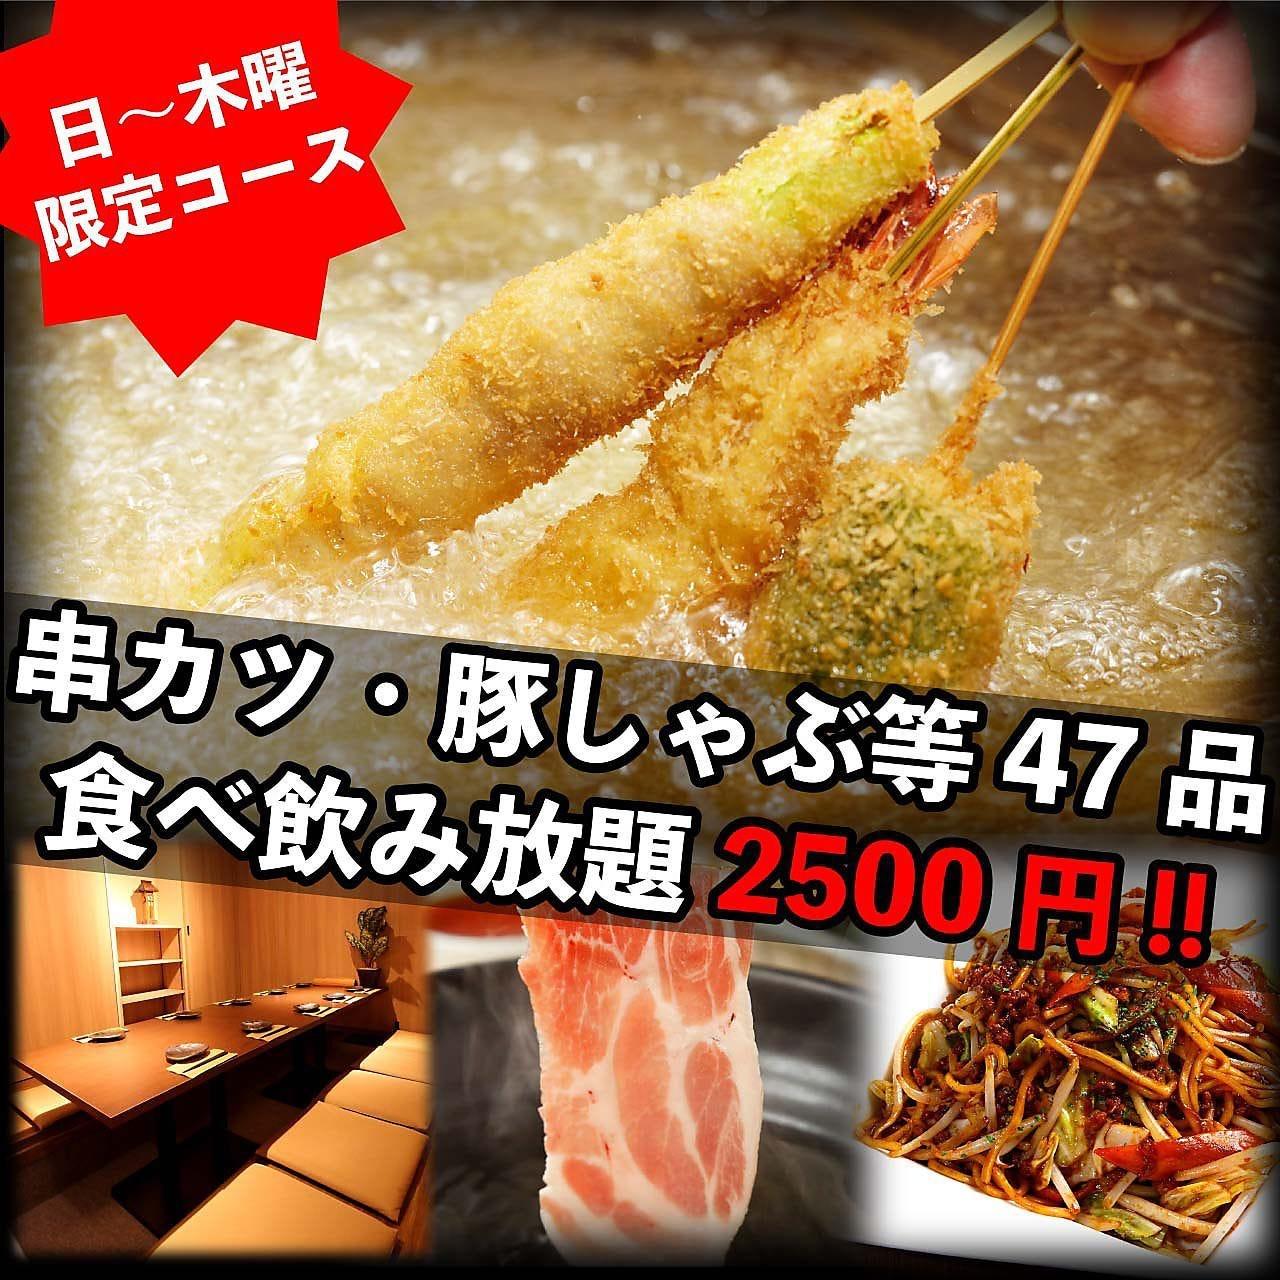 豚も牛もお寿司も串揚げも食べ放題!